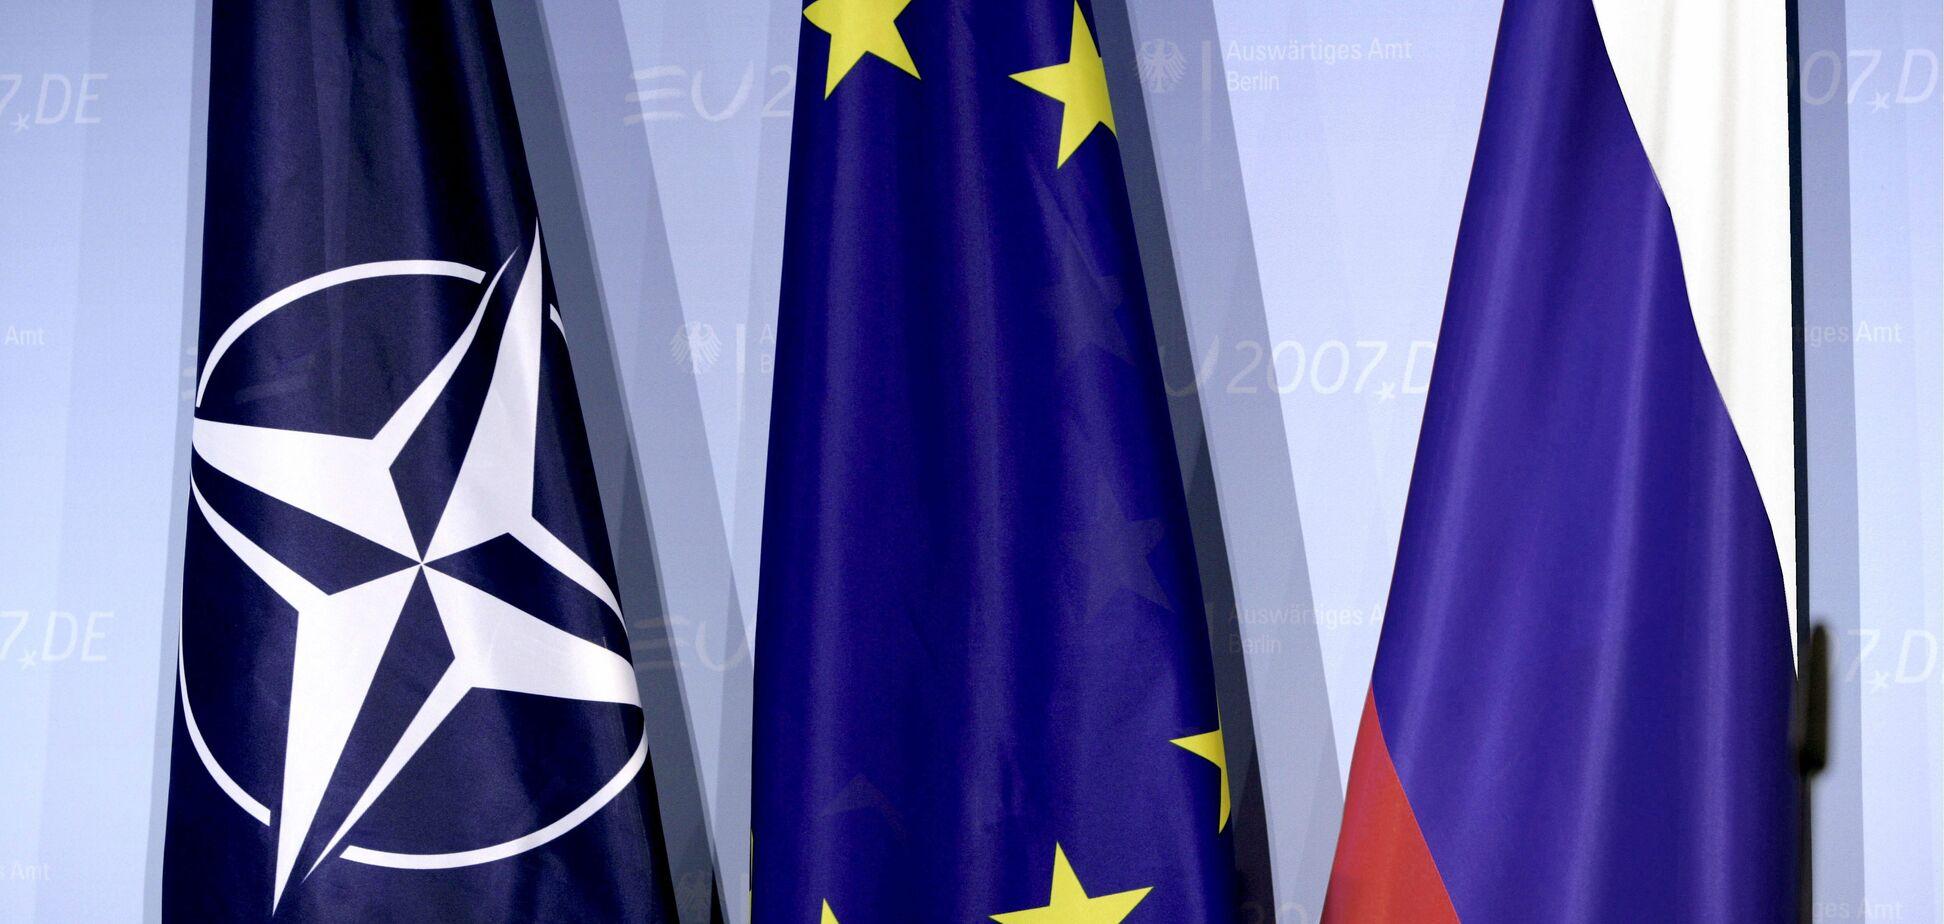 'Бизнес не должен страдать': в ЕС заявили о необходимости снять санкции с России